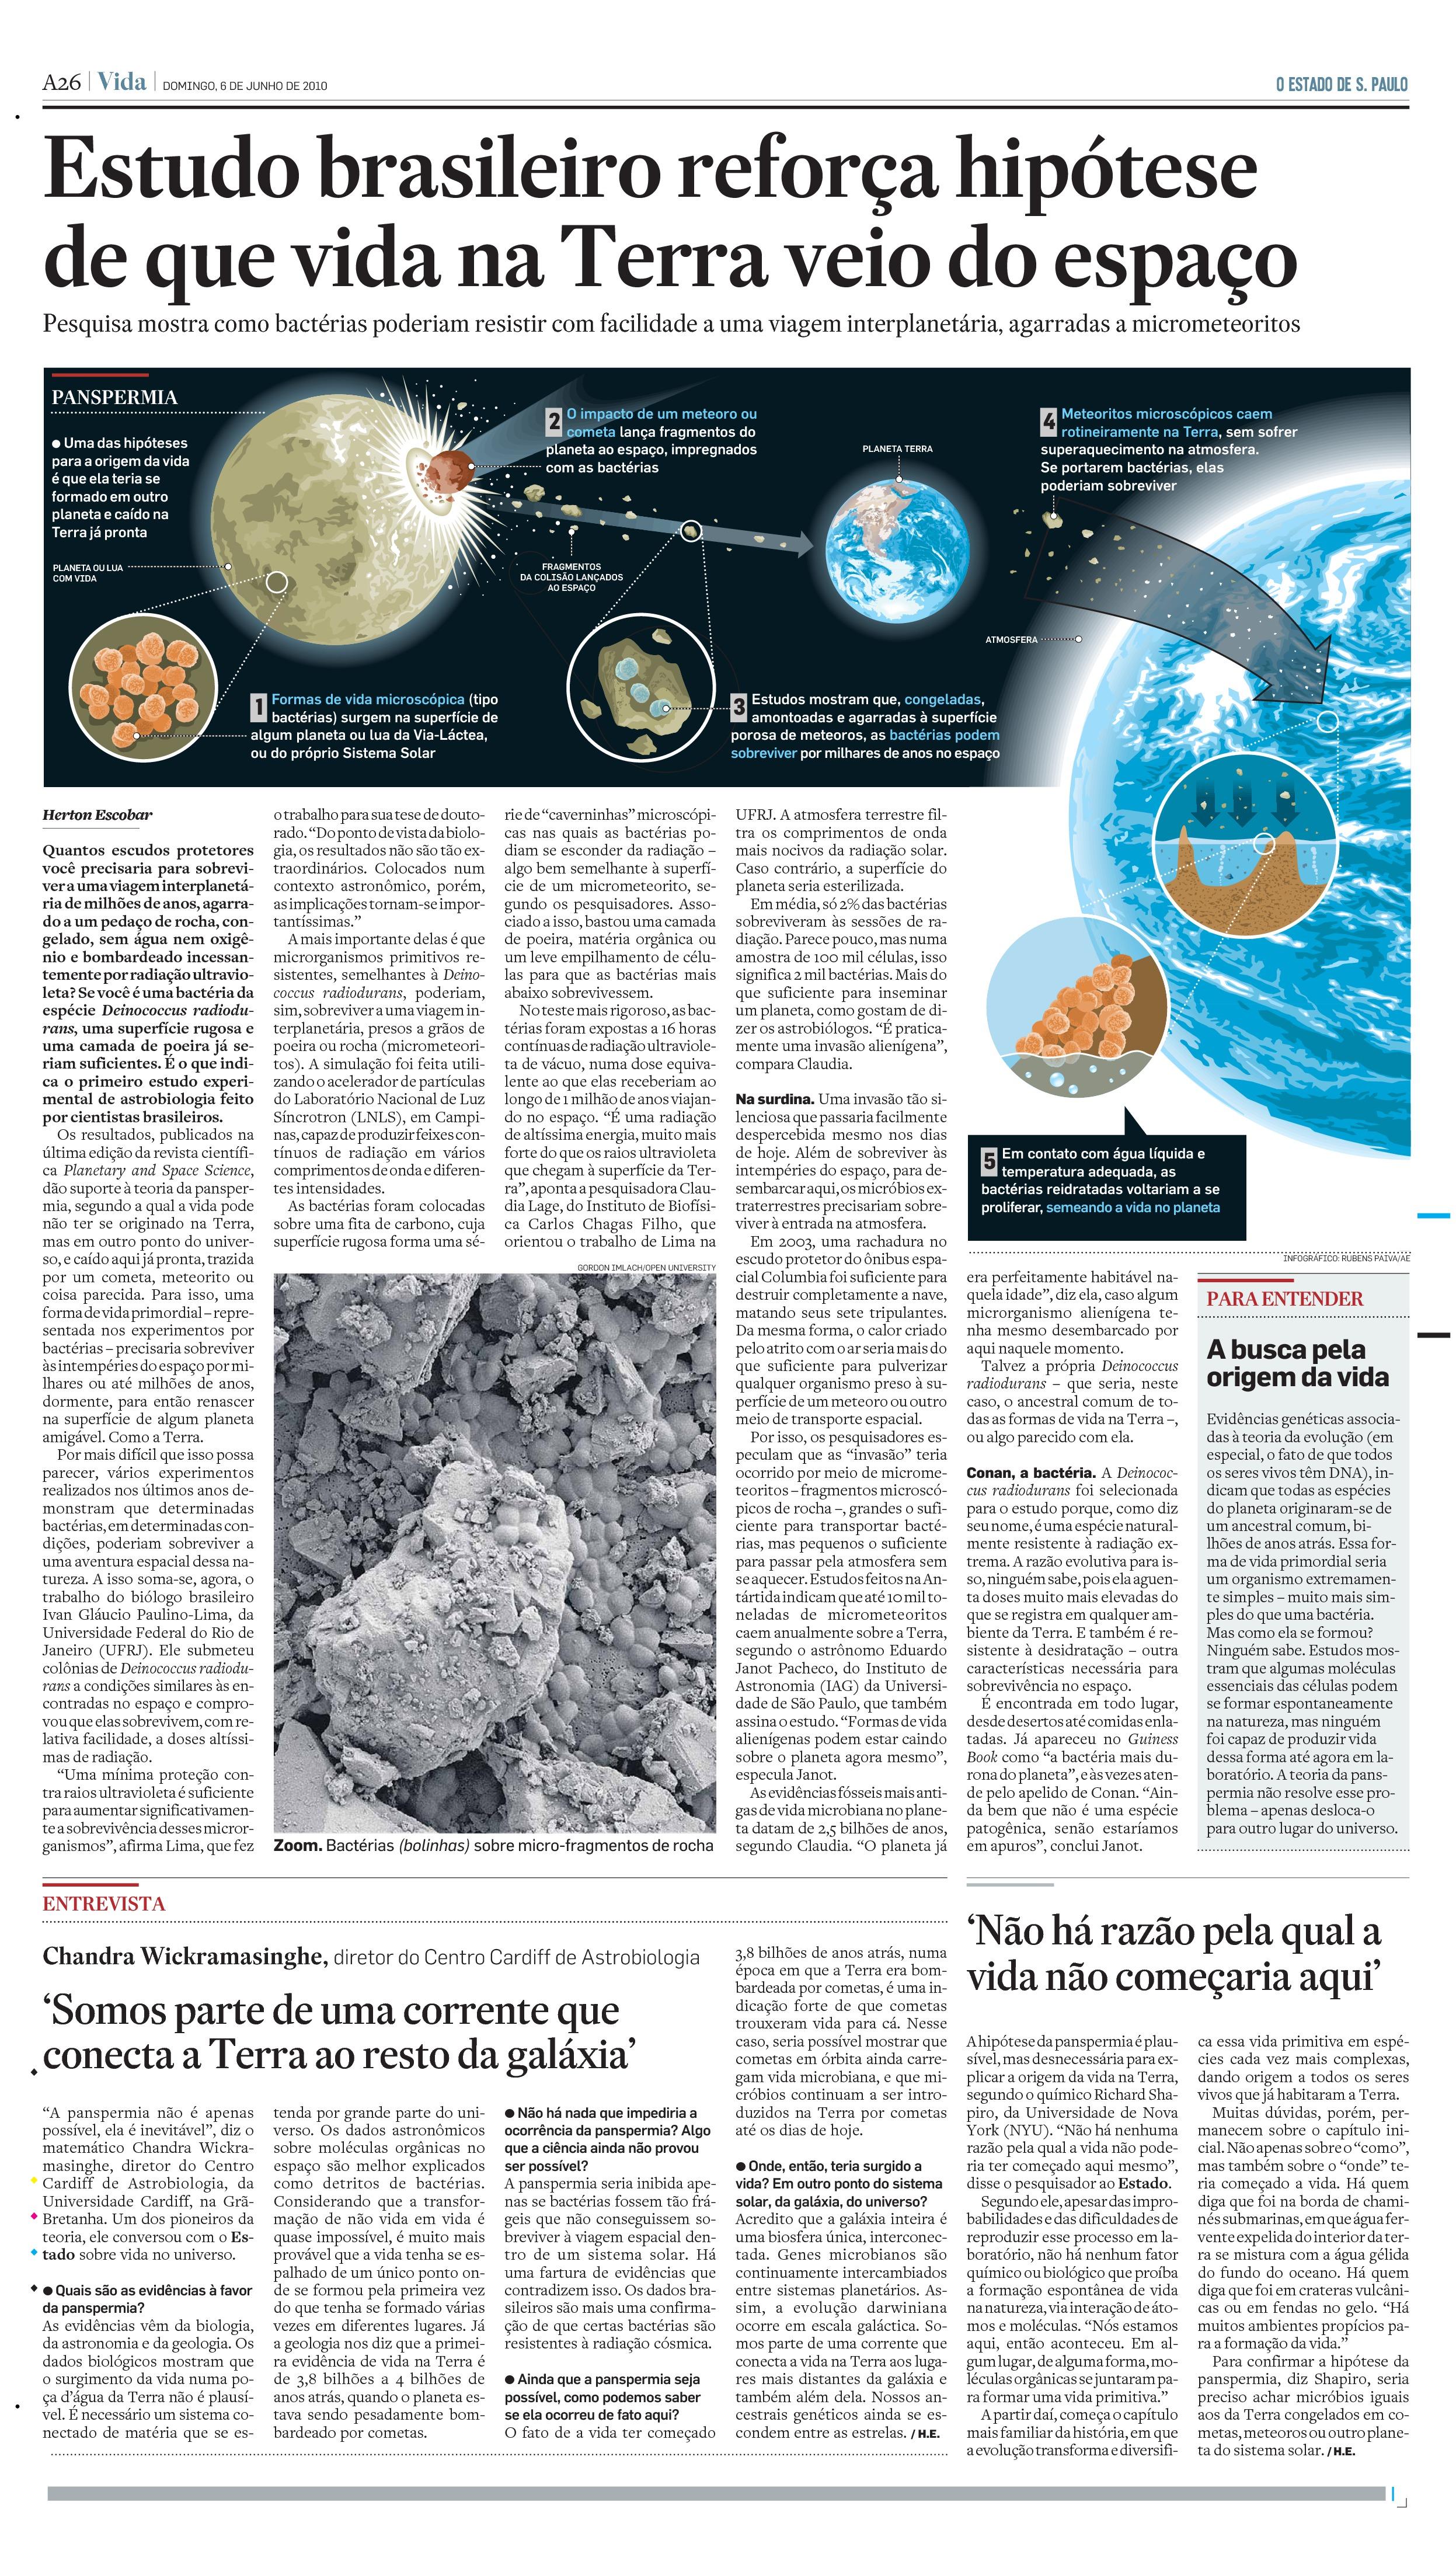 Estudo brasileiro reforça tese de que vida veio do espaço